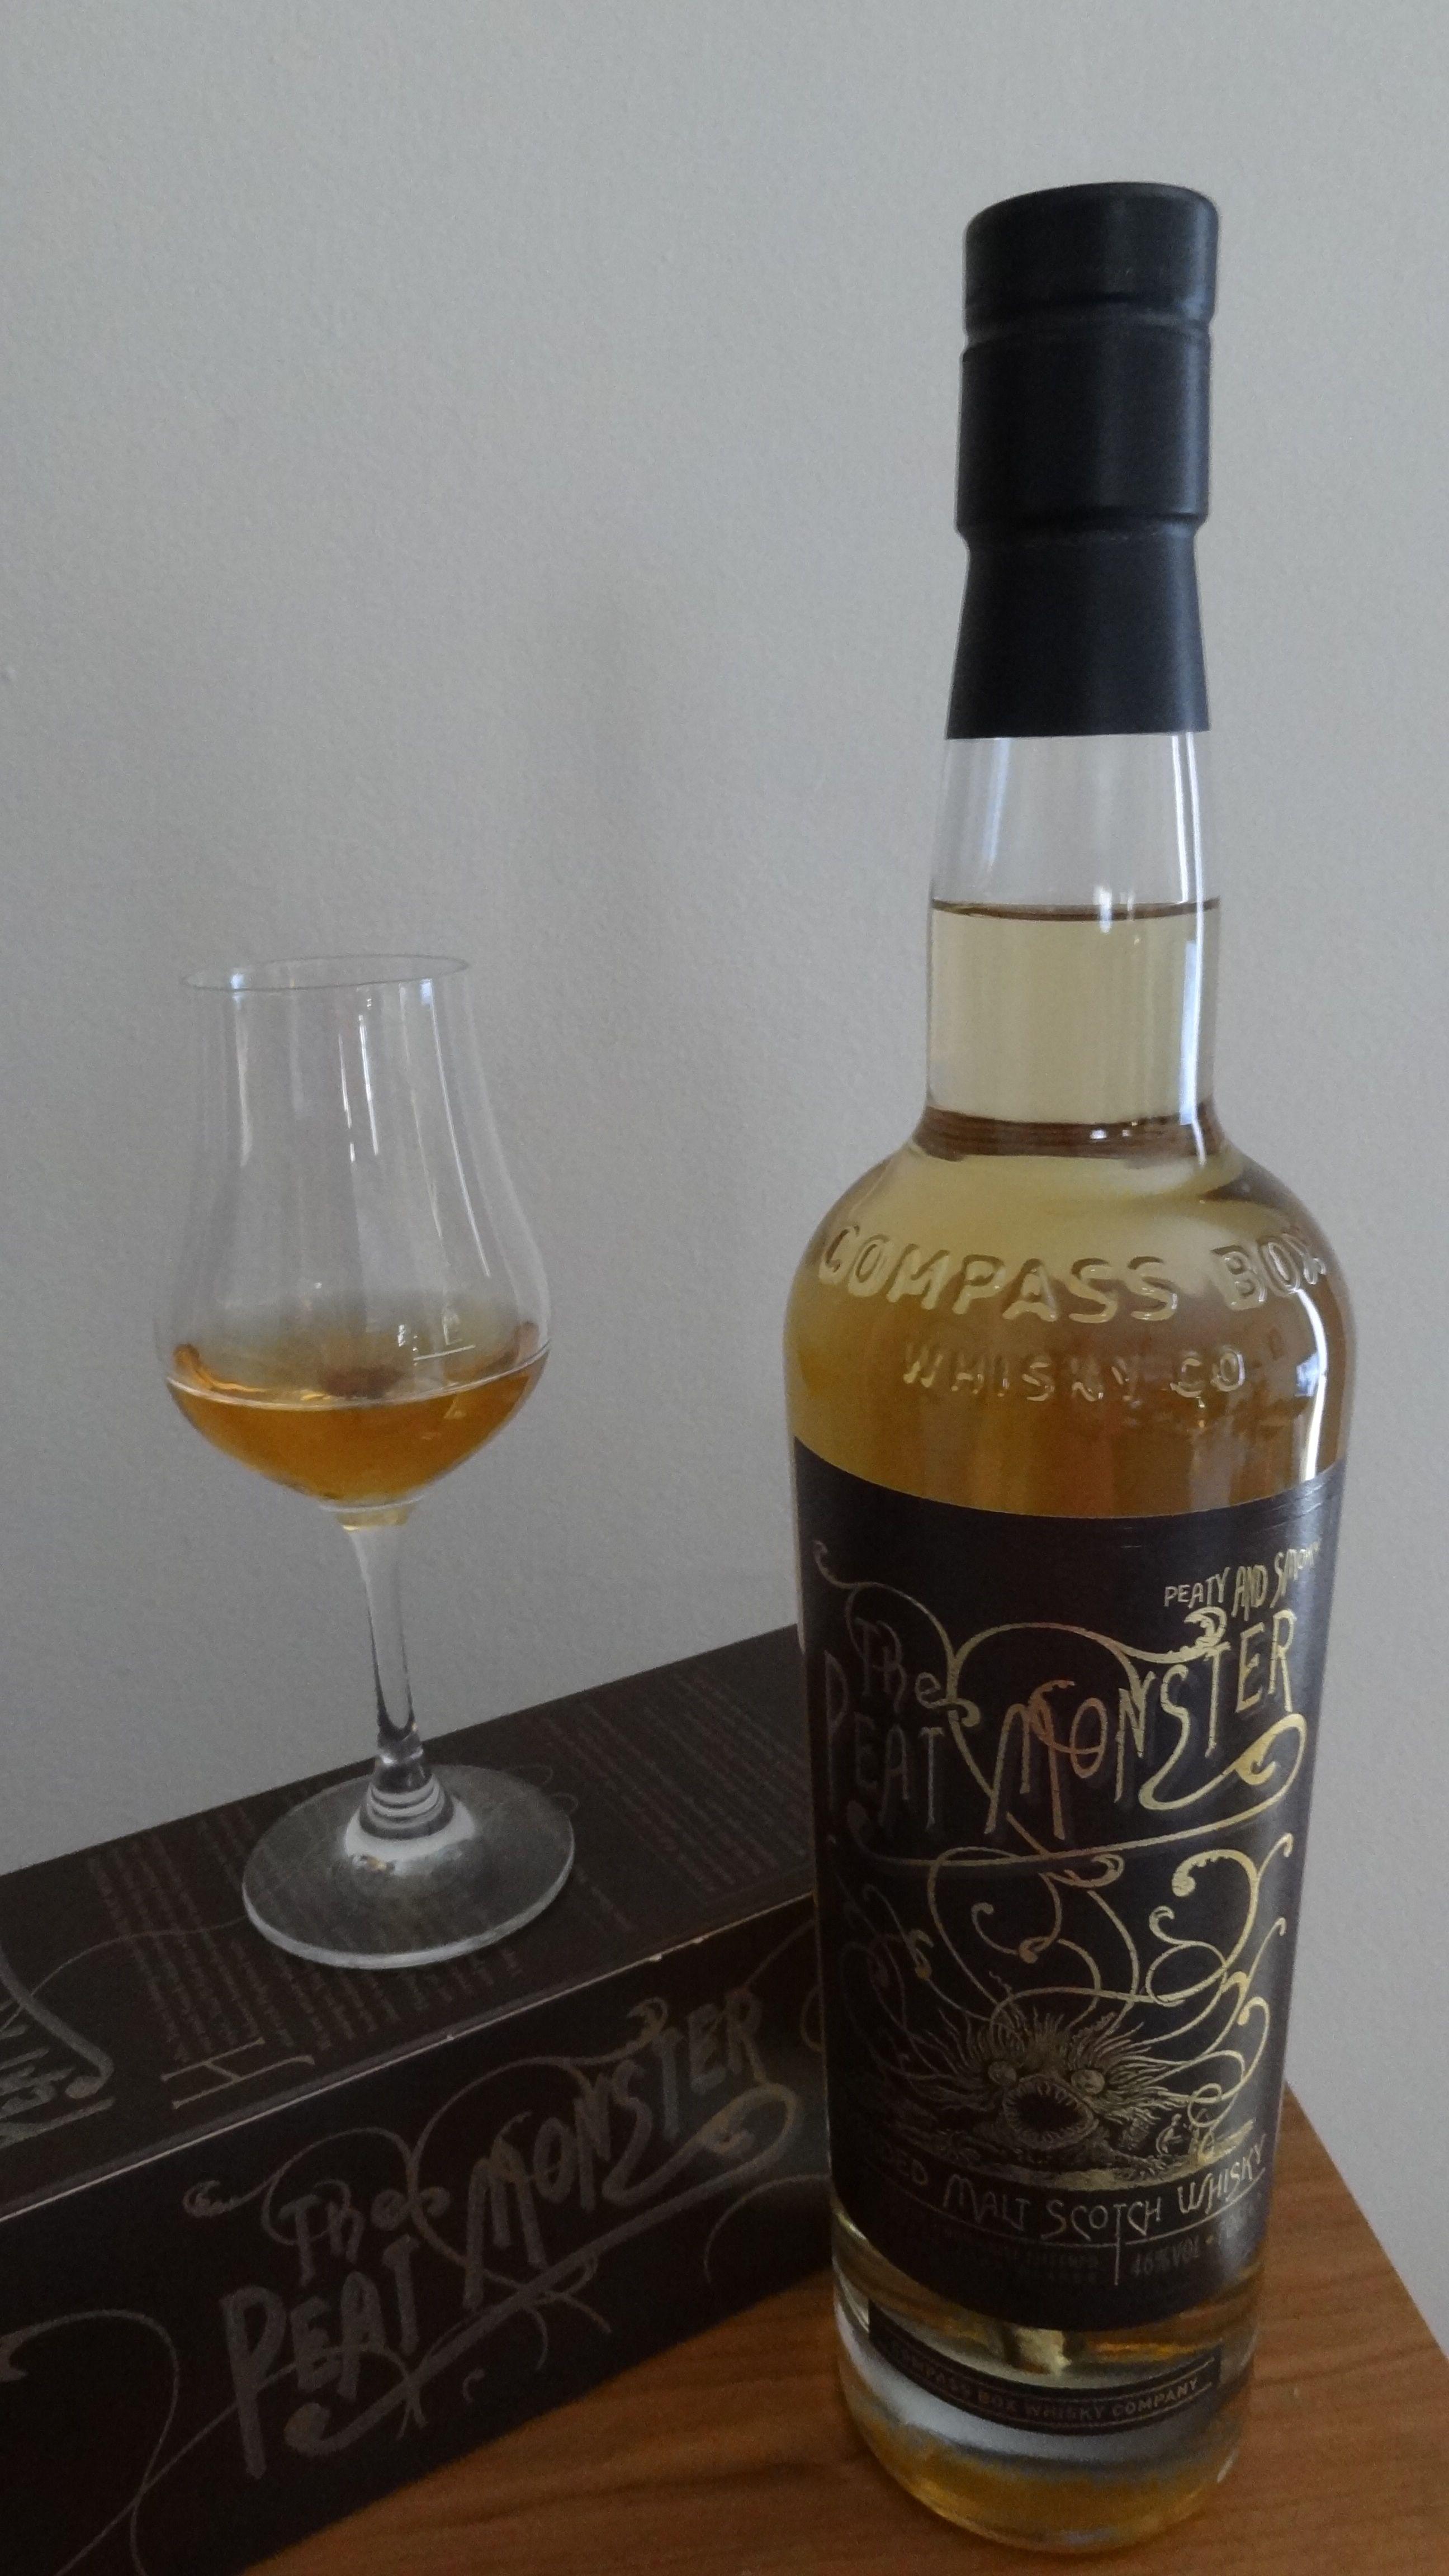 Whisky The Peat Monster - Blended malt 46° 1 - Nez : Phénolique, fumée grasse, marin, fruit... 2 - Bouche : Tourbe grasse, fumée, terreux, médicinal, réglise, fruit, poivre noir et épices... 3 - Finale : Tourbé, fumé, bois brûlé, cendre froide, silex...